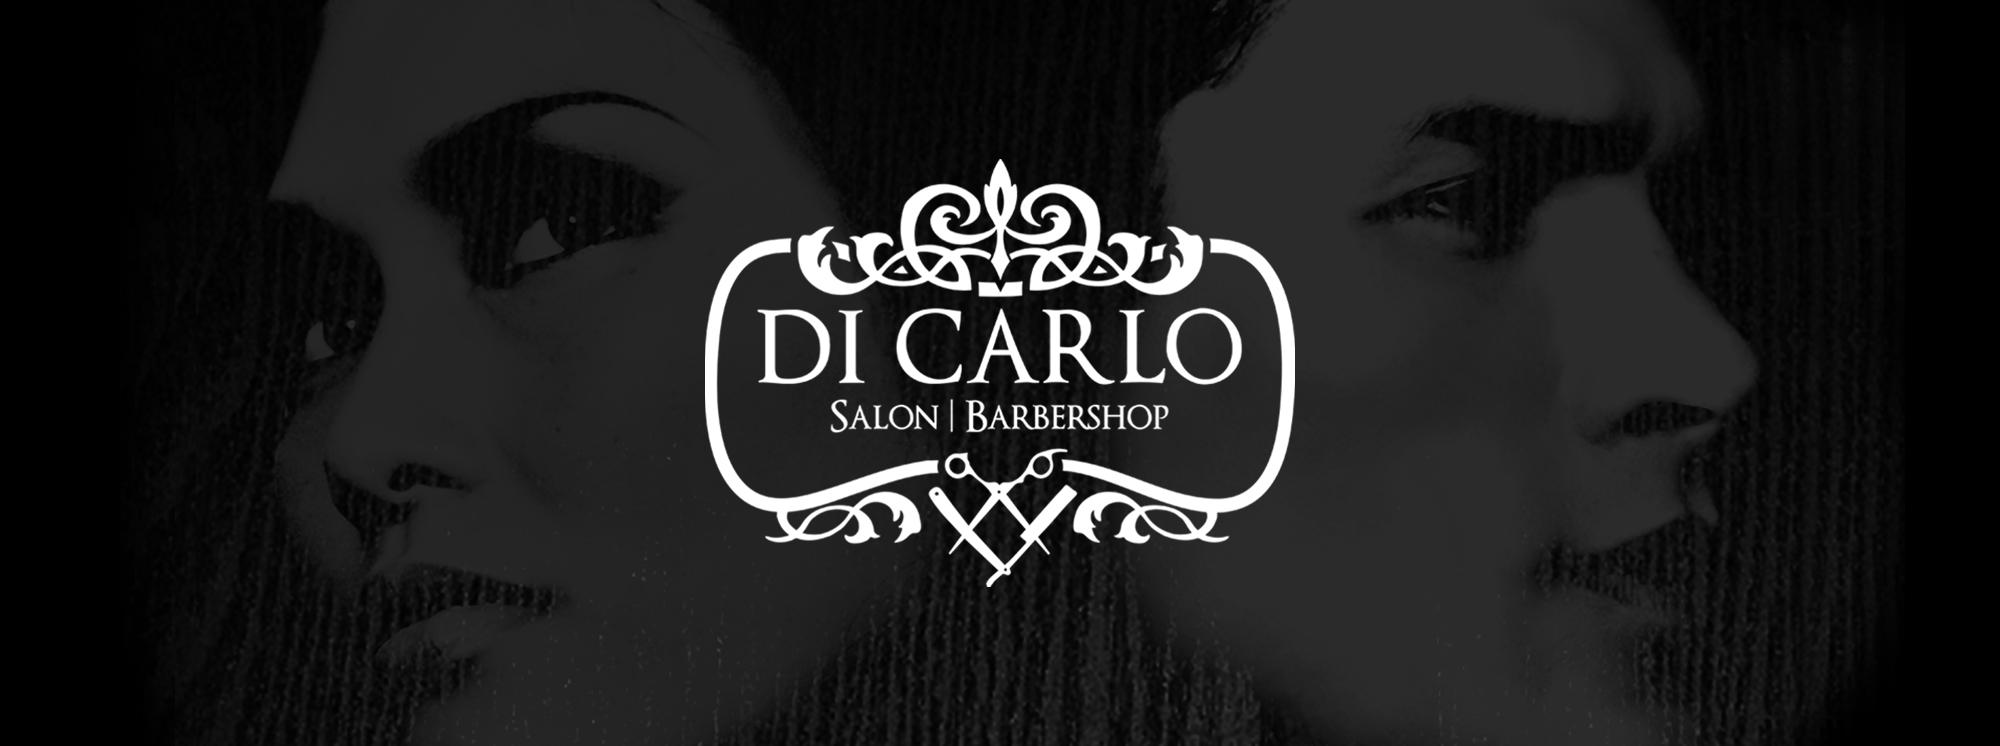 DiCarlo-Salon-Home